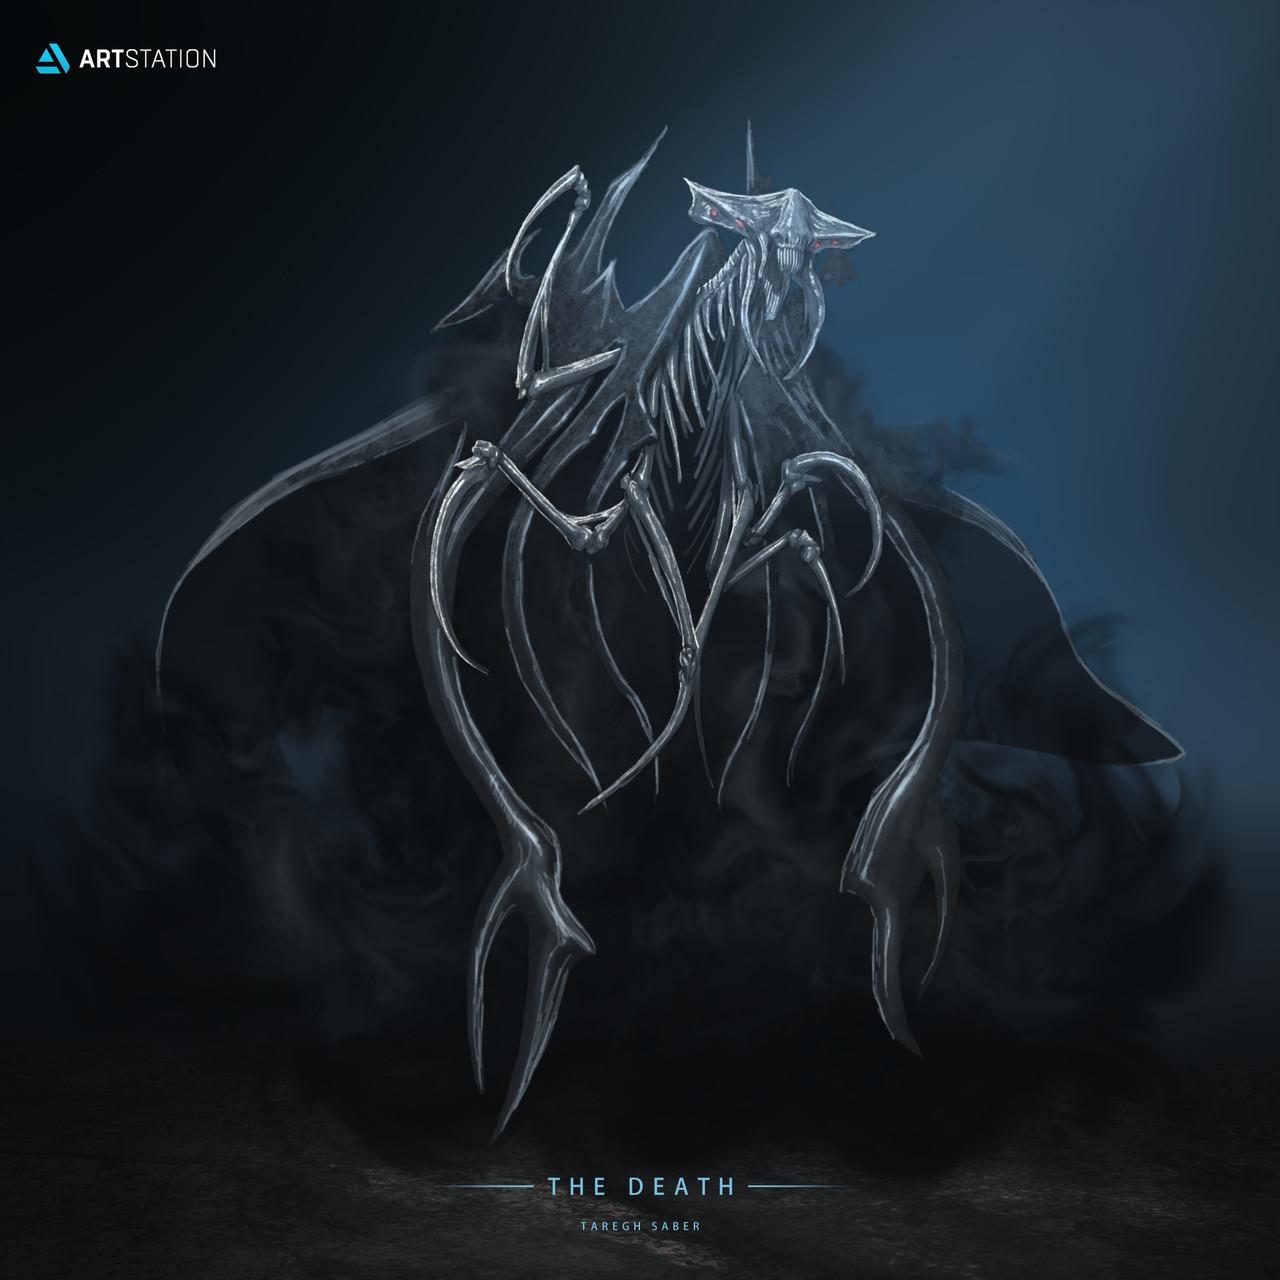 taregh-saber-death-sea-text